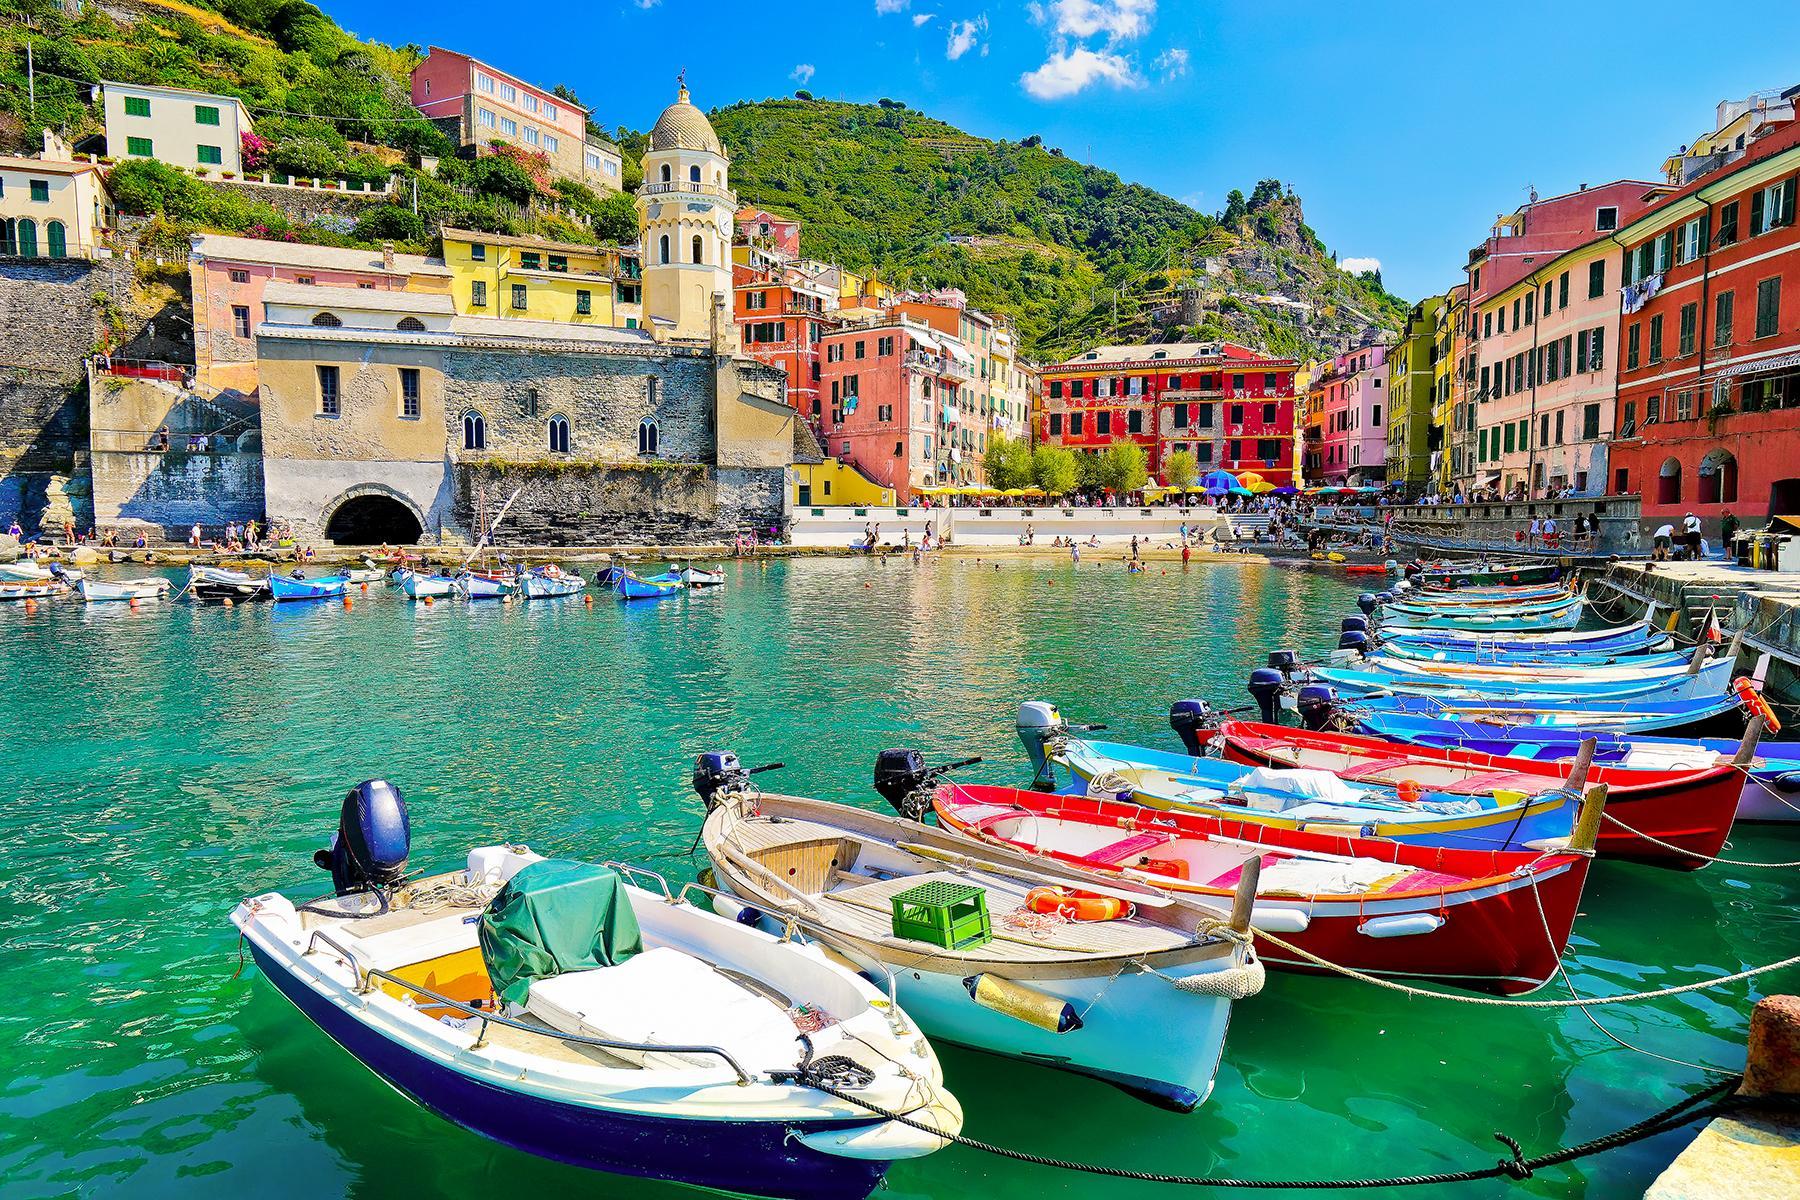 Smart-working: migliaia di italiani scelgono di lavorare dal Sud, dove la vita è più lieve e meno cara.<br> Nuove forme di delocalizzazione: a trasferirsi oggi sono i lavoratori, non le aziende